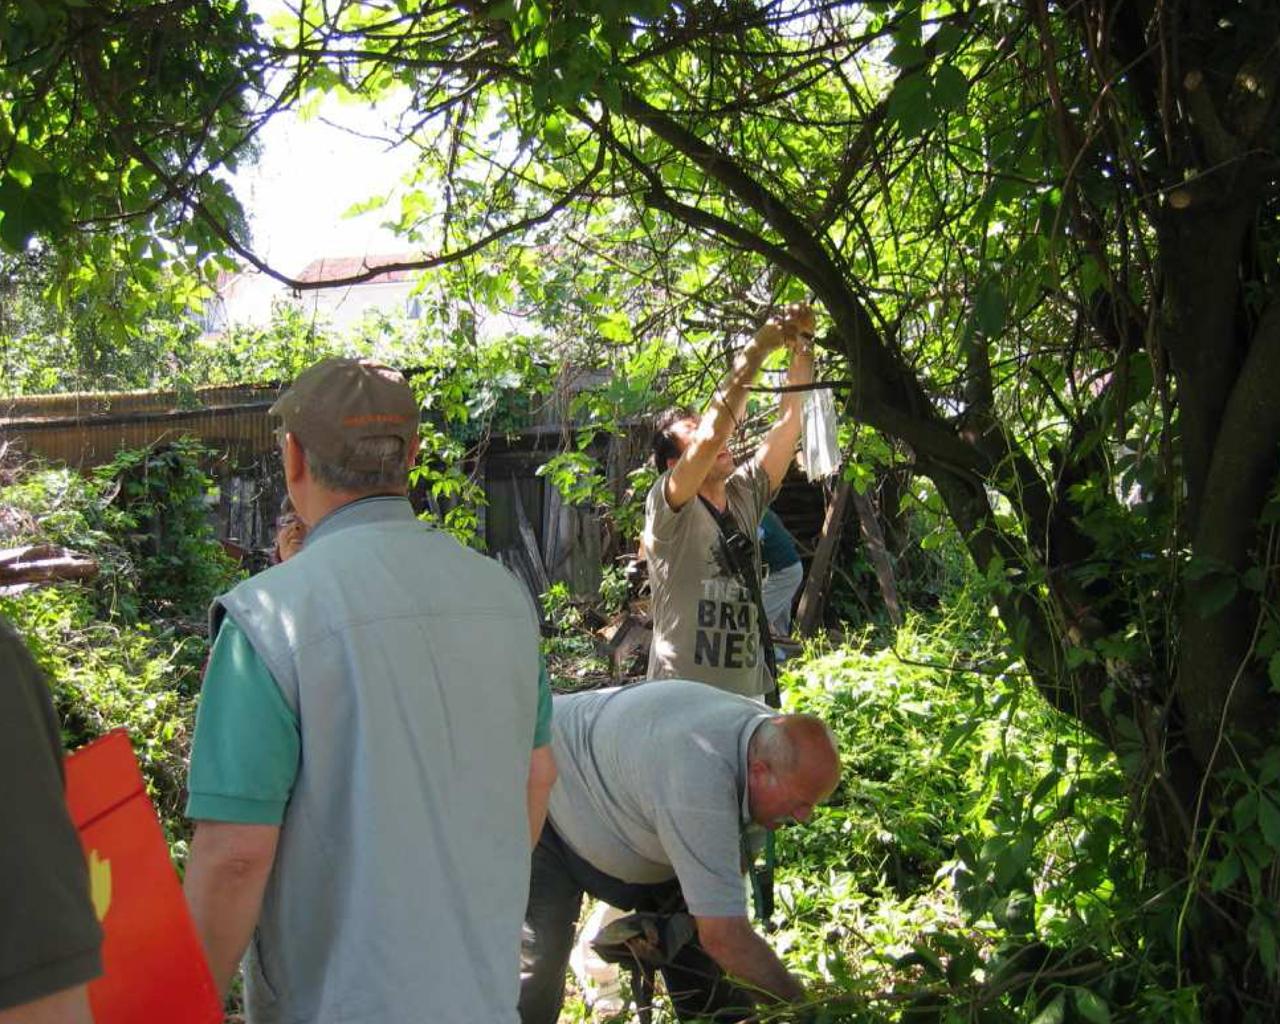 Pulizia dell'area e recupero materiali - Giardino degli orti